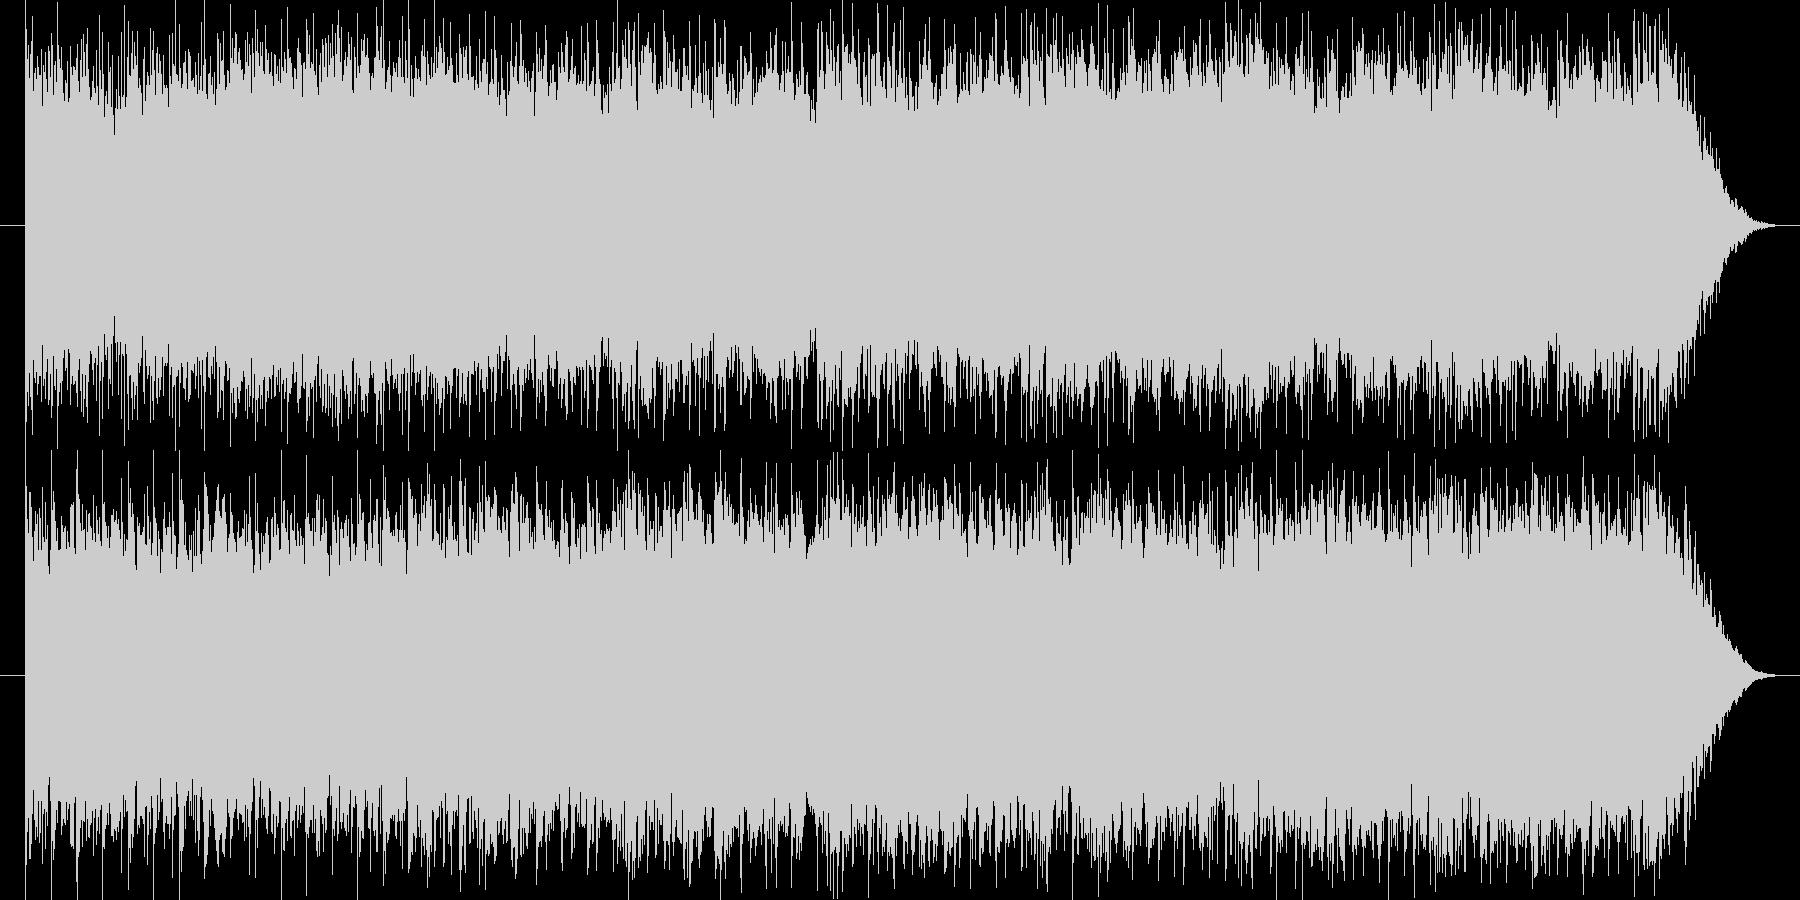 ほのぼのした雰囲気のフルートメロの楽曲の未再生の波形